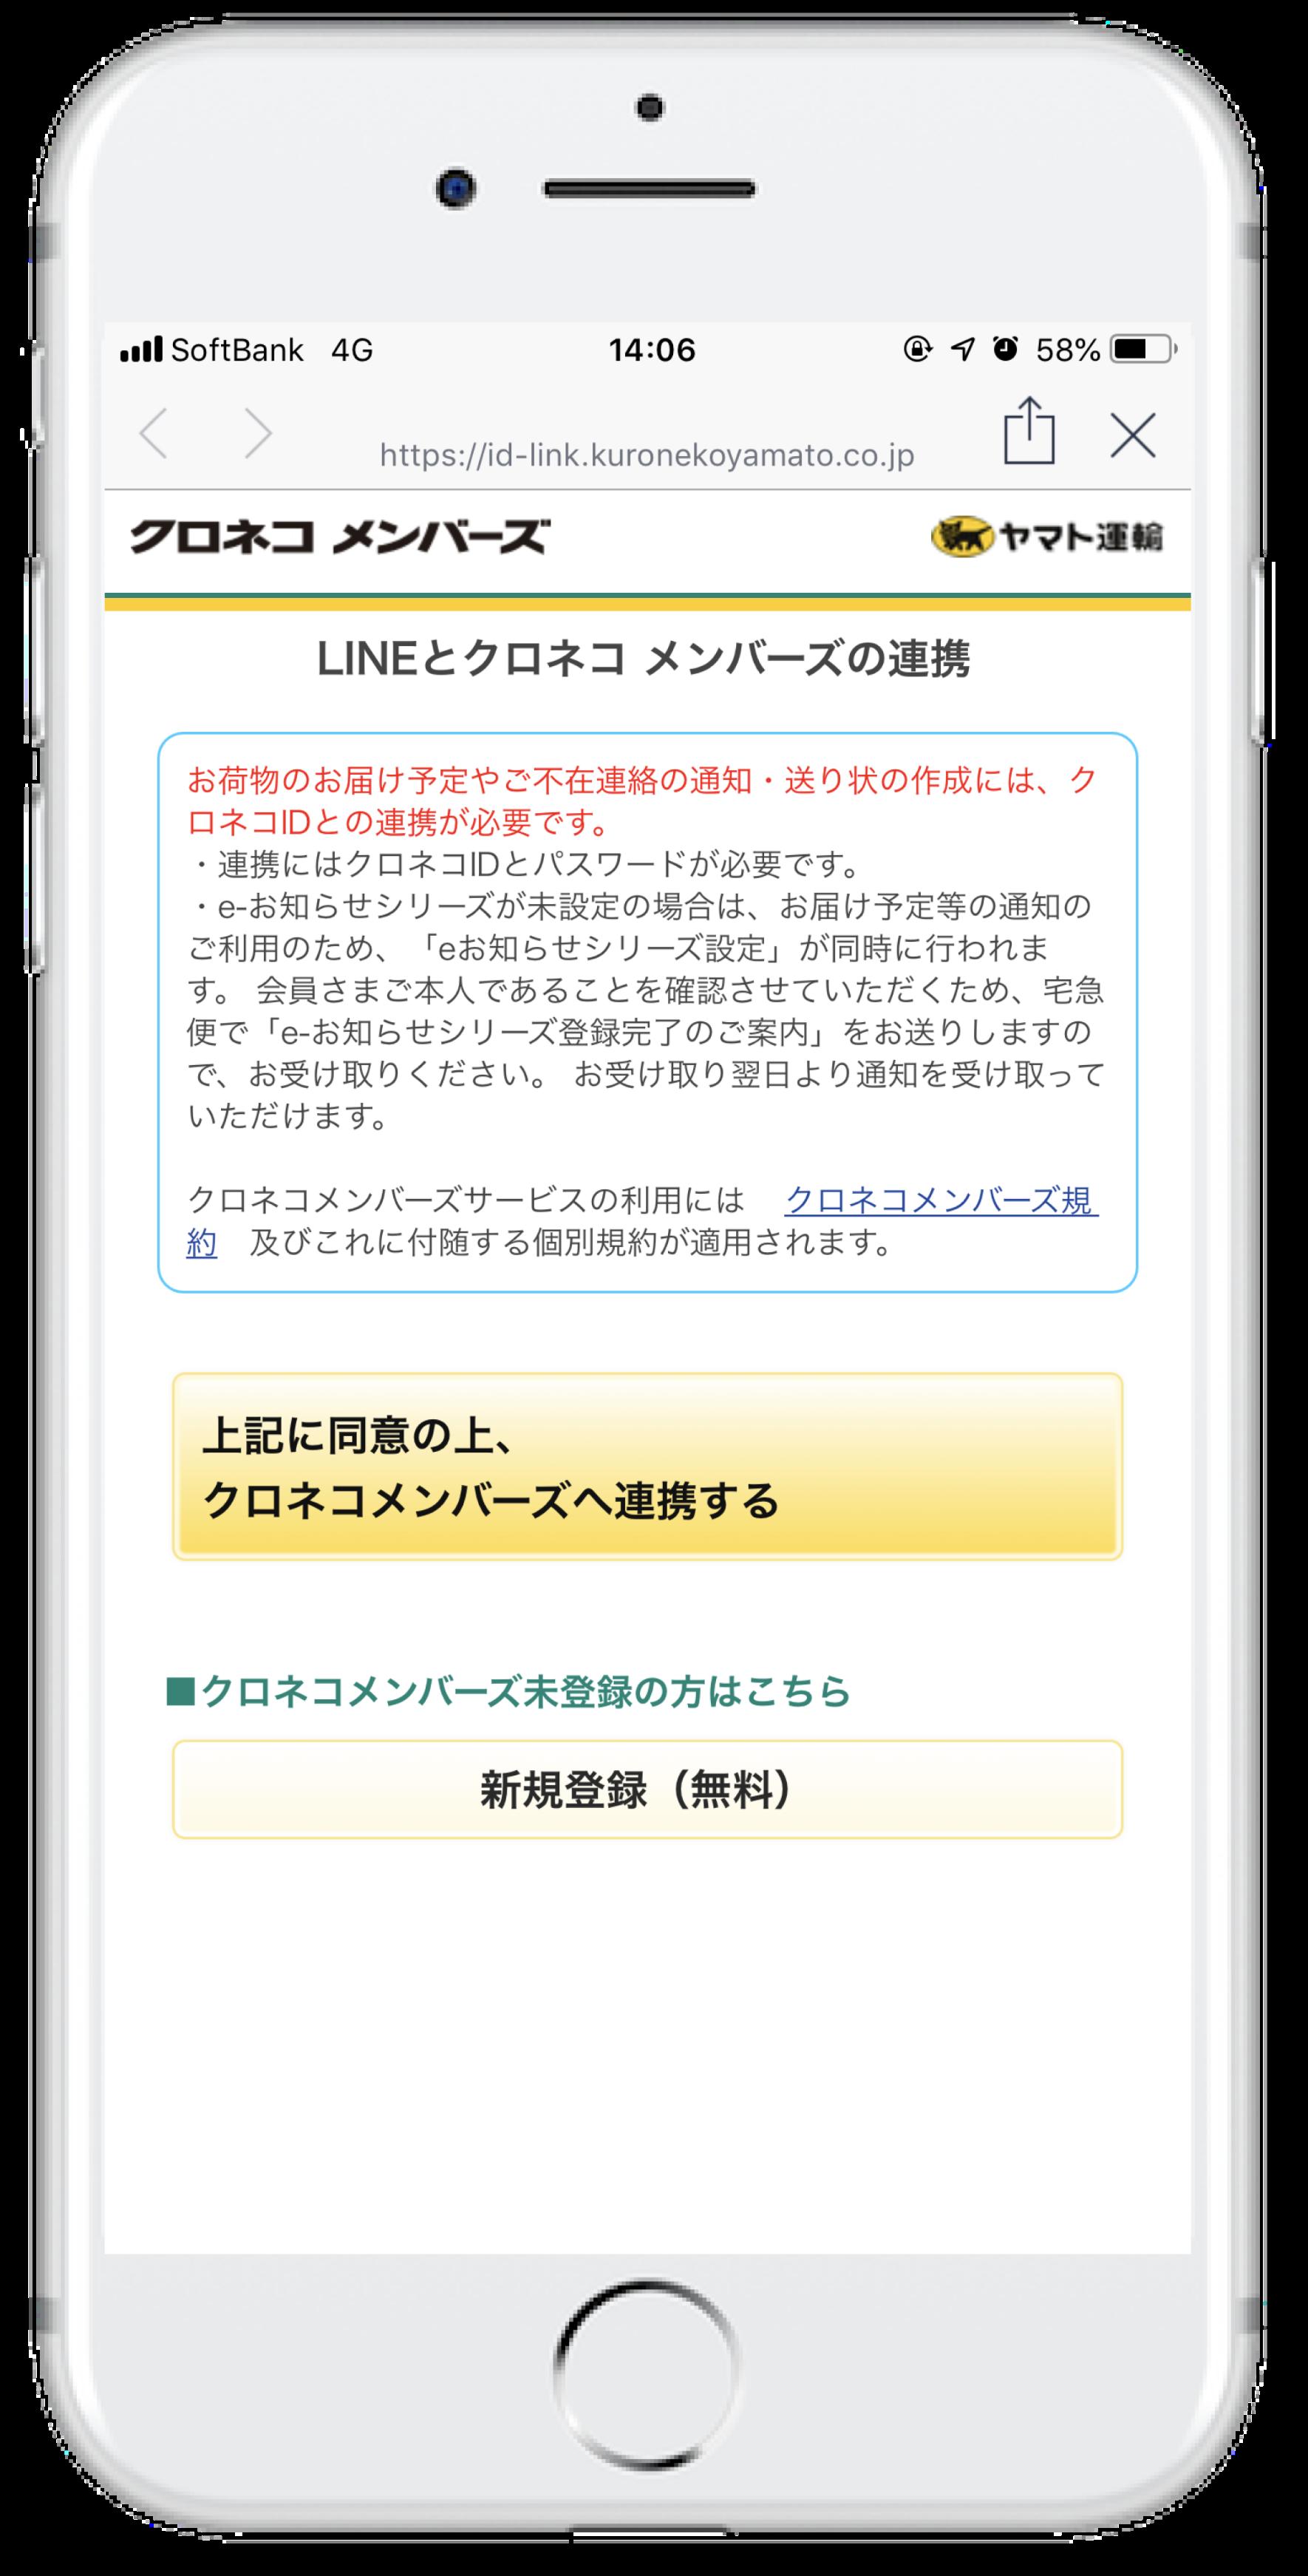 ミニアプリ活用事例ヤマト運輸編8